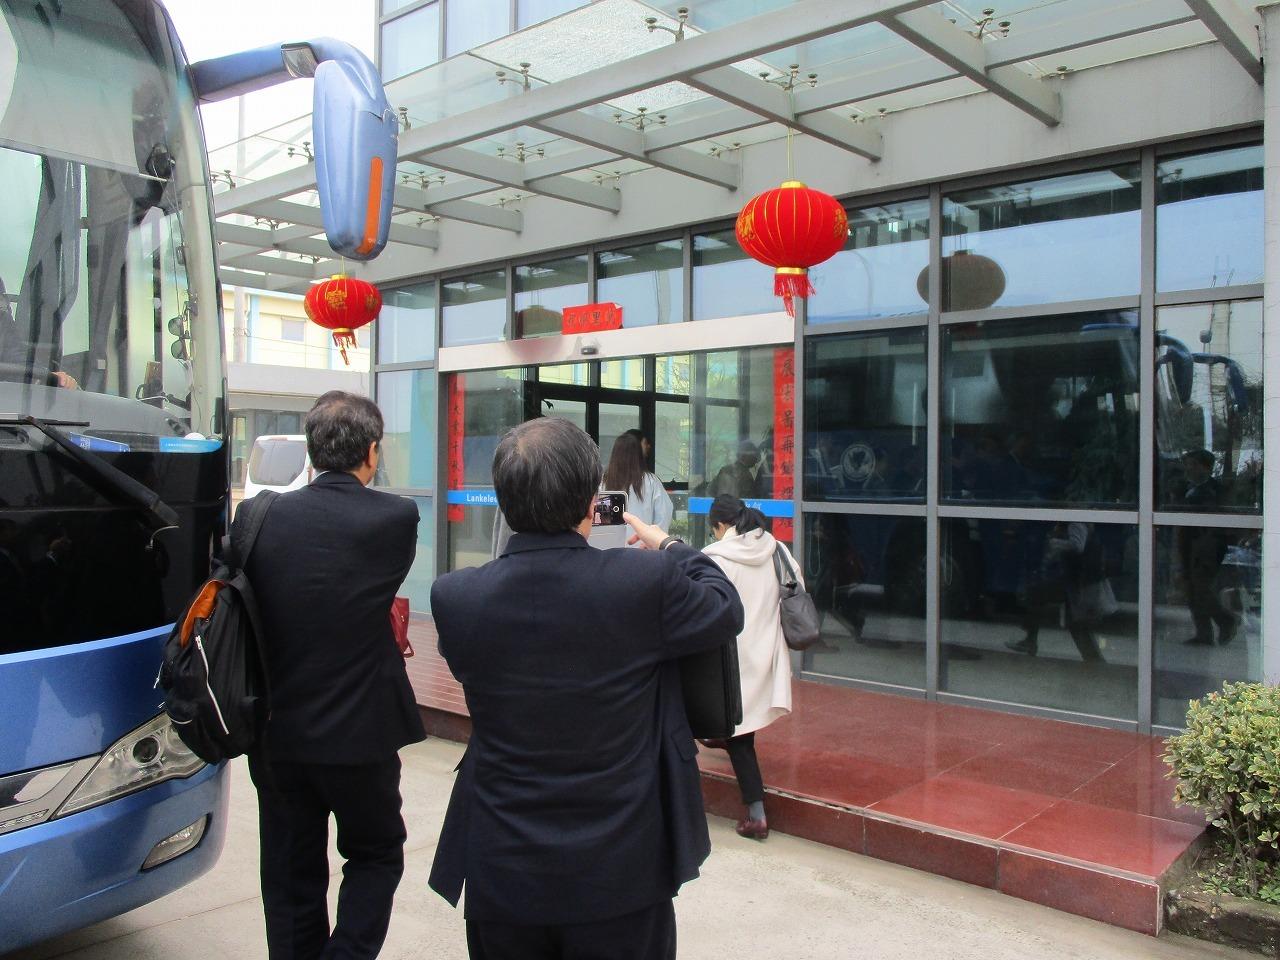 中国デジタル革命 視察旅行に参加しました(前編)_e0190287_18365115.jpg